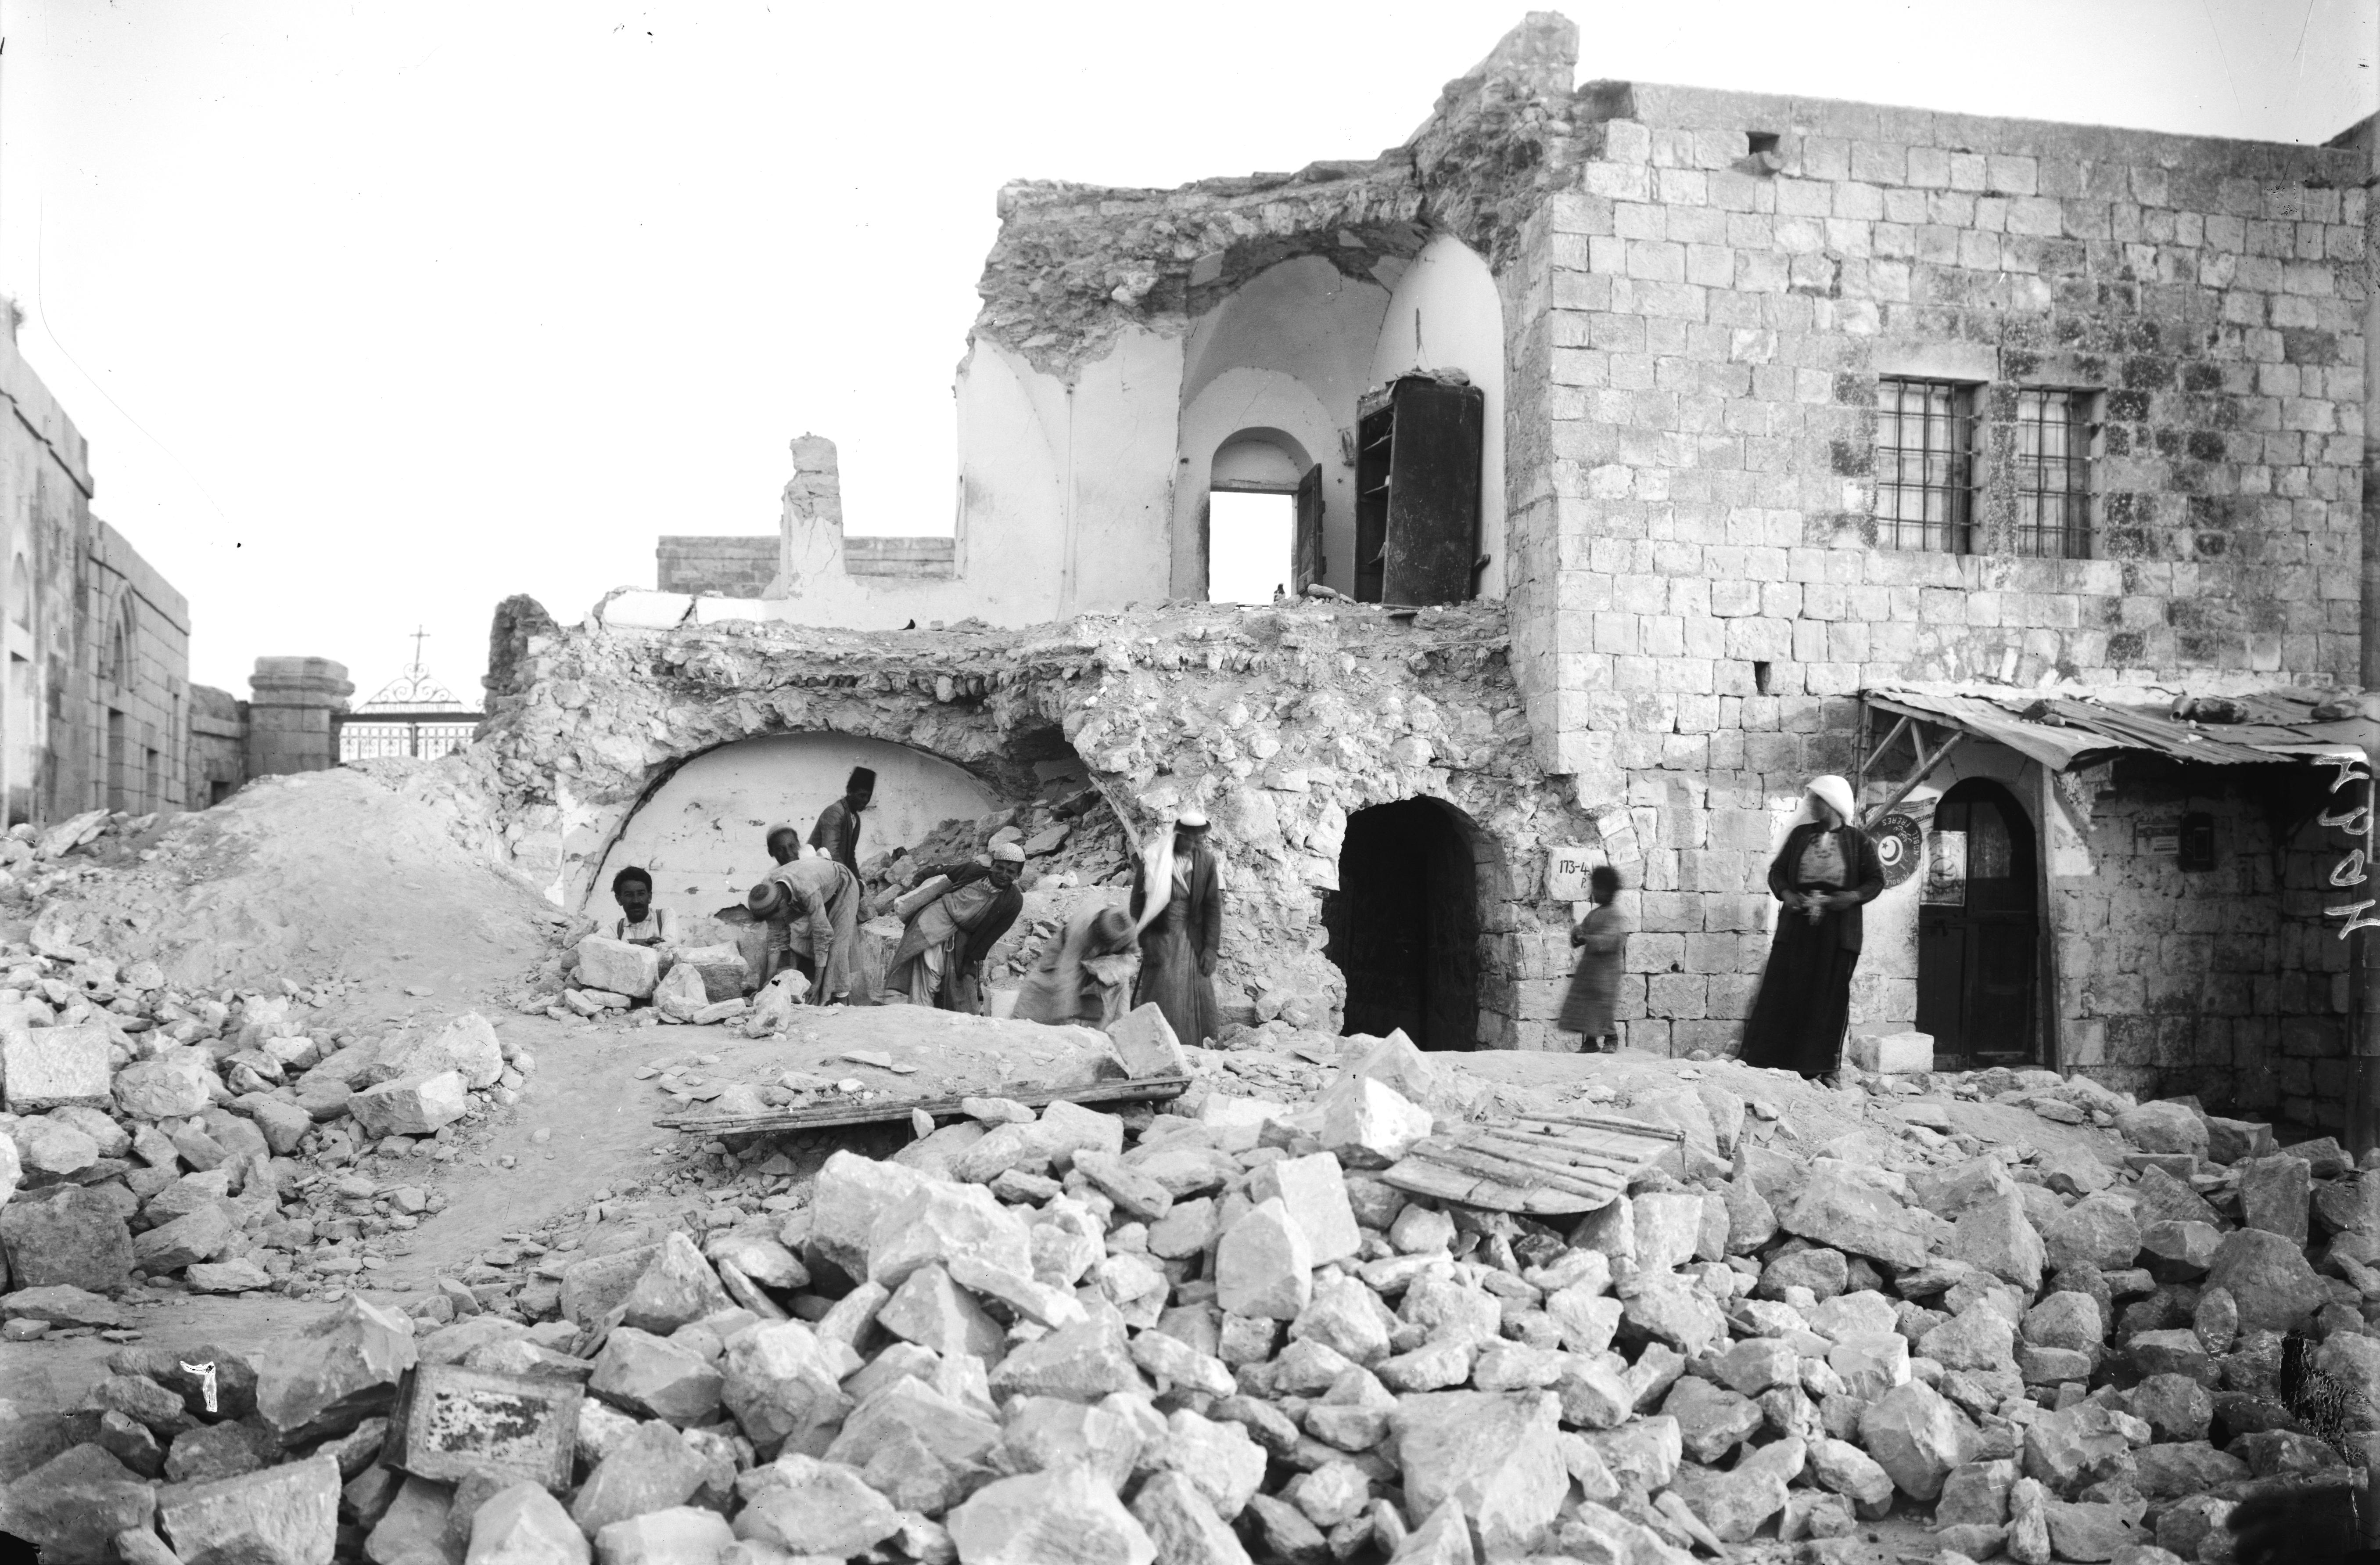 الزلزال الكبير عام 1927 1927_Earthquake_OliveMount